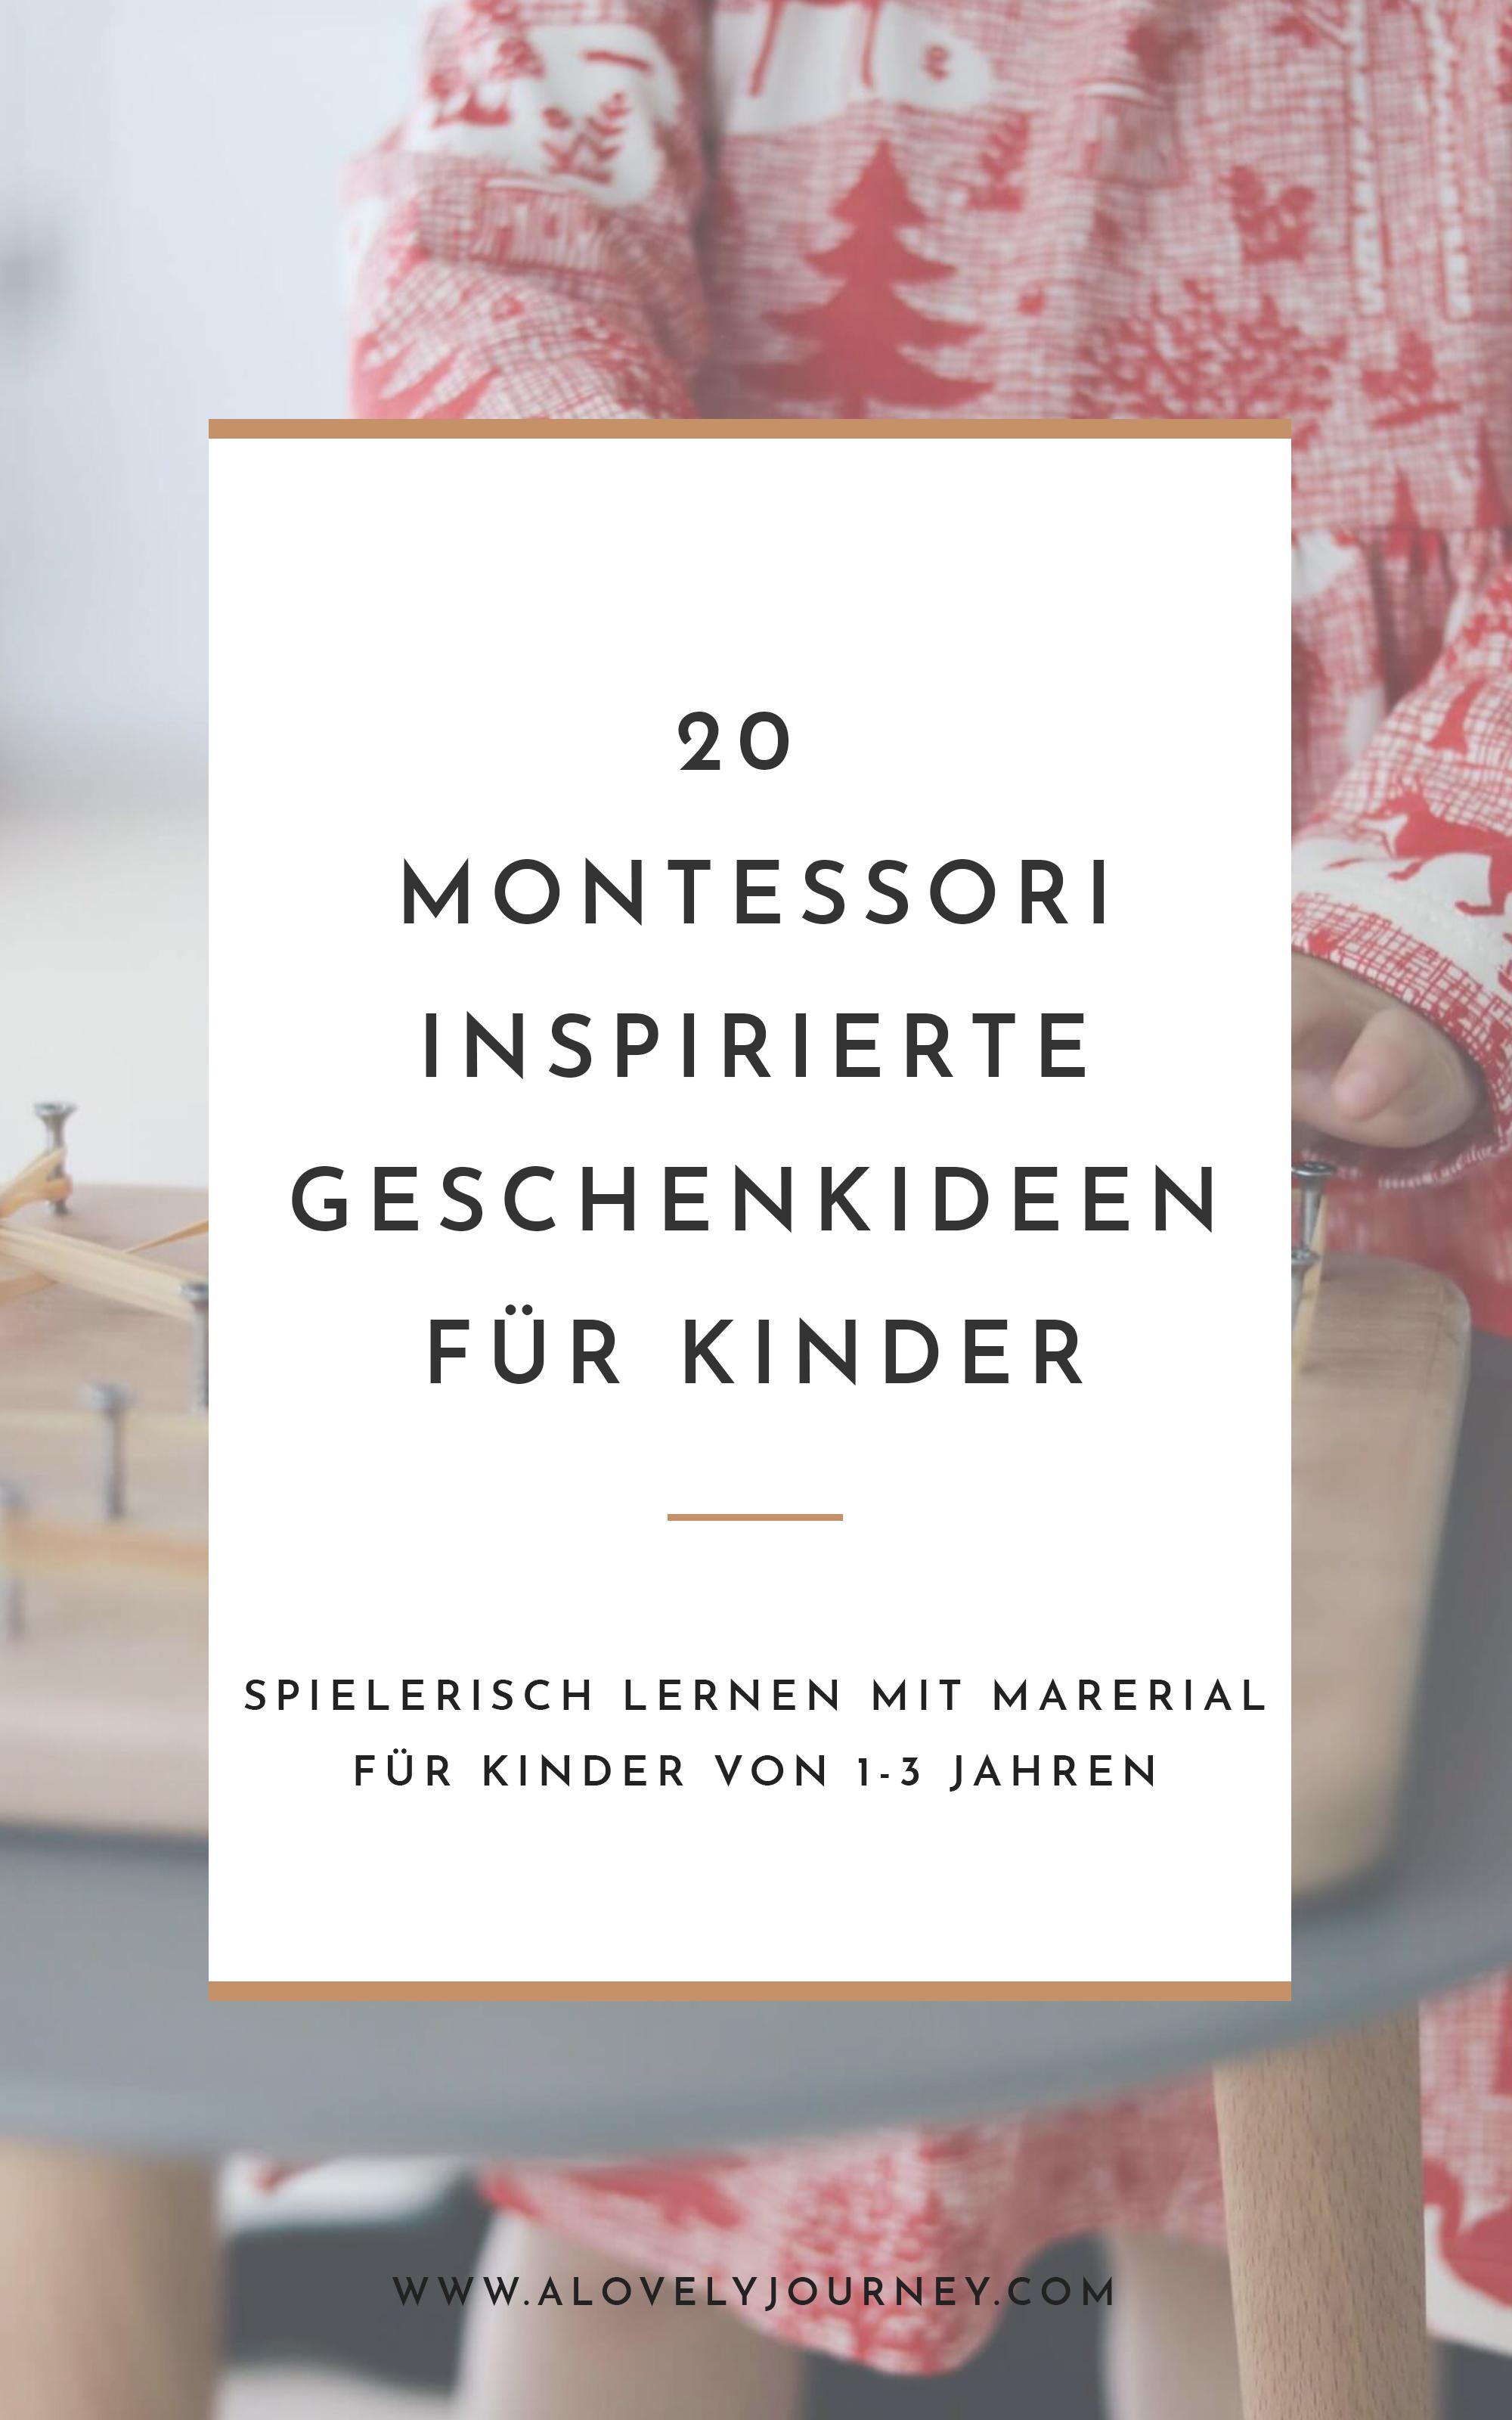 Geburtstag 20 Geschenkideen Fur Kinder Nach Montessori